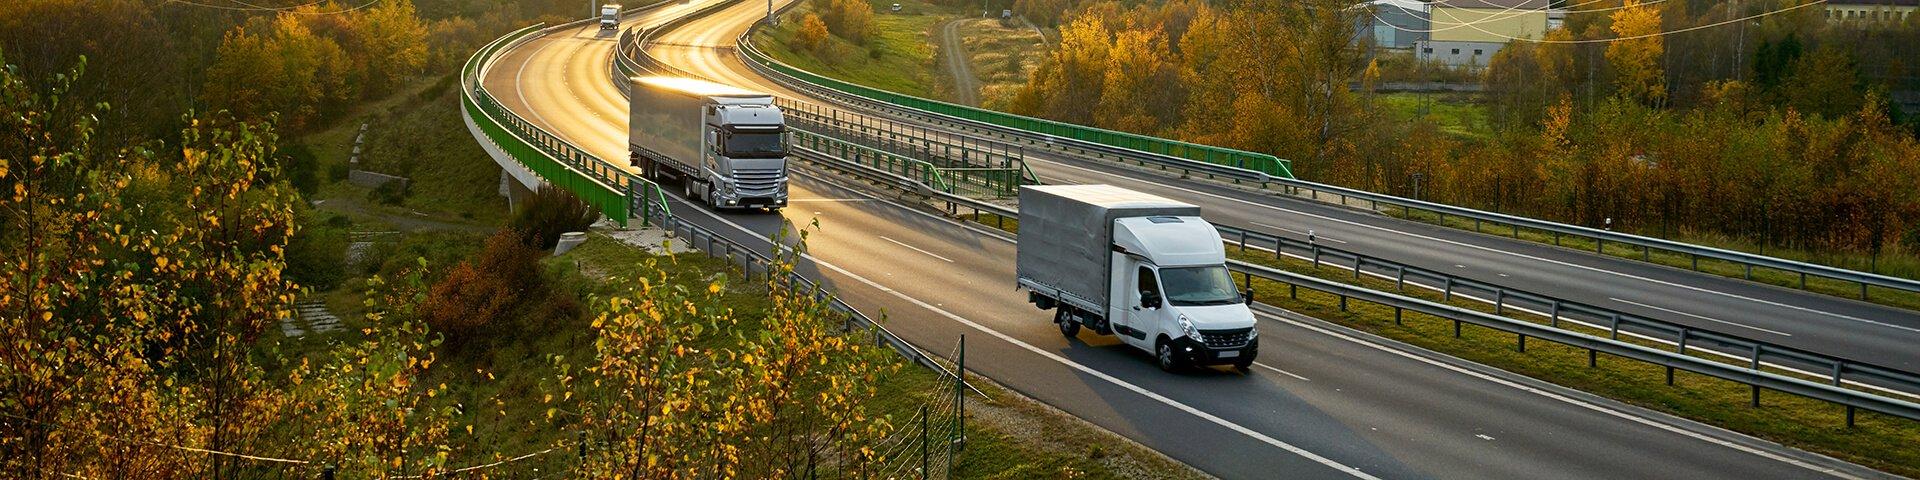 transport i przeprowadzka wrocław - slider